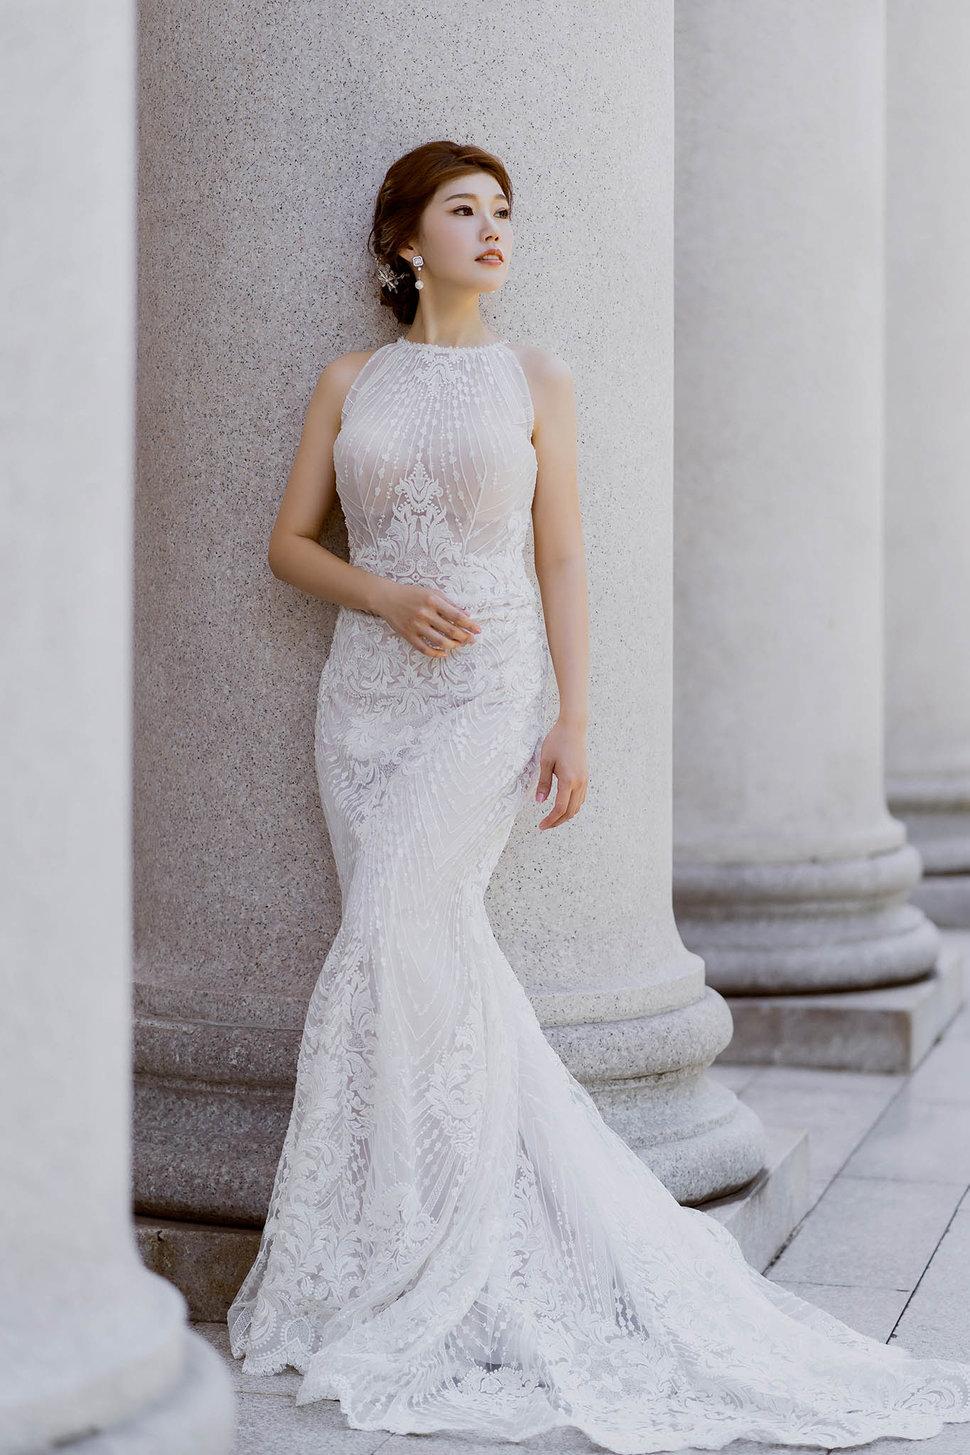 _DB_6628 - Vivi's Studio 新娘秘書《結婚吧》